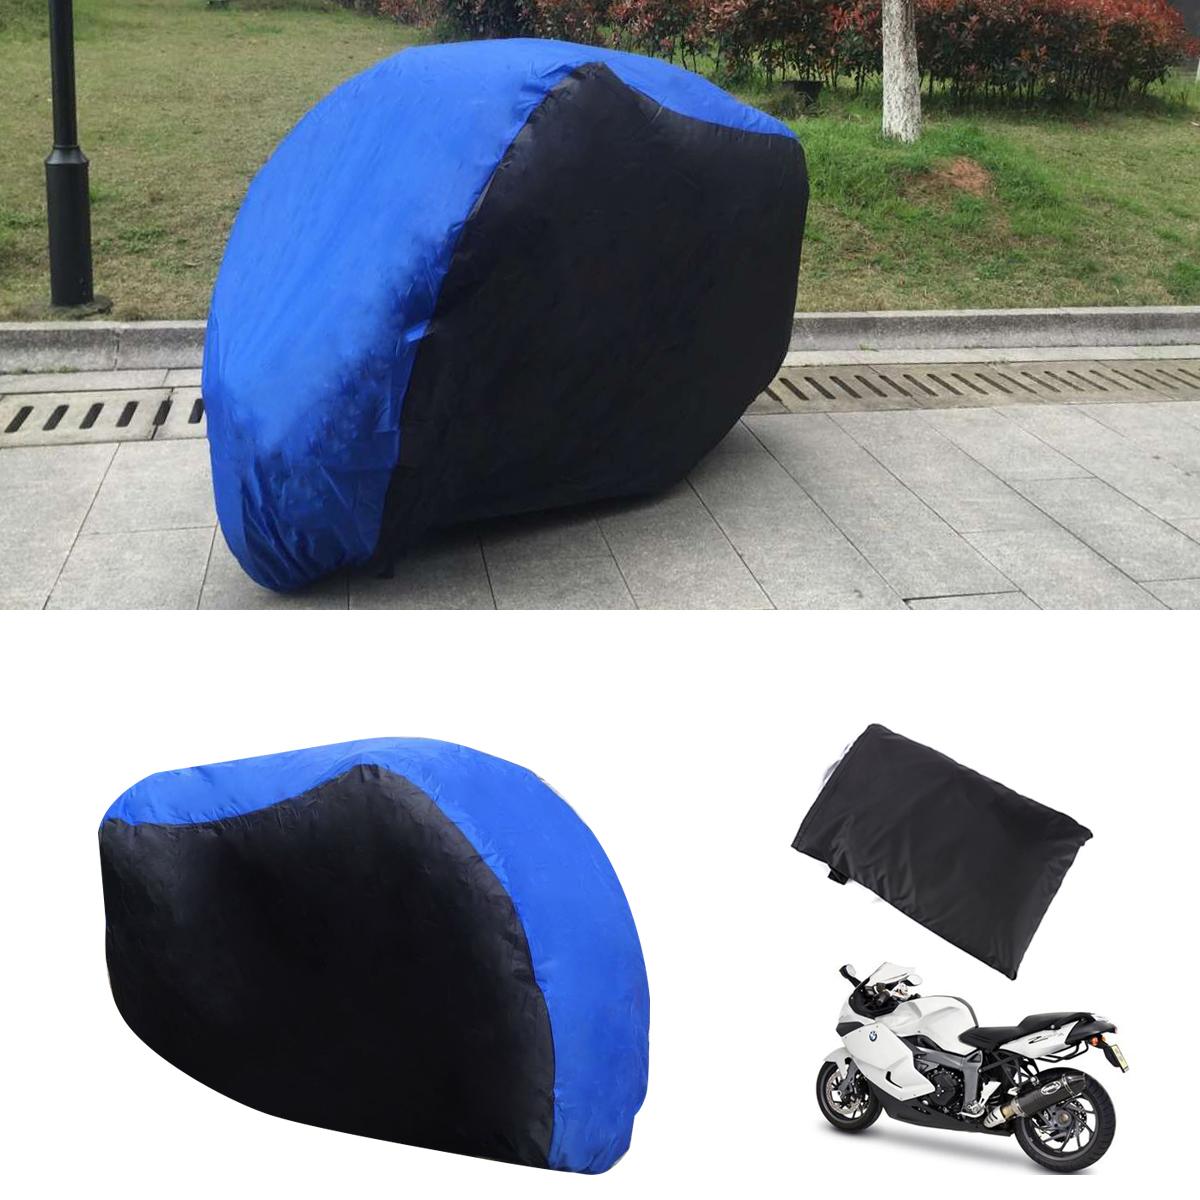 housse bache moto protection interieur exterieur taille xl 245cm bleu noir ebay. Black Bedroom Furniture Sets. Home Design Ideas